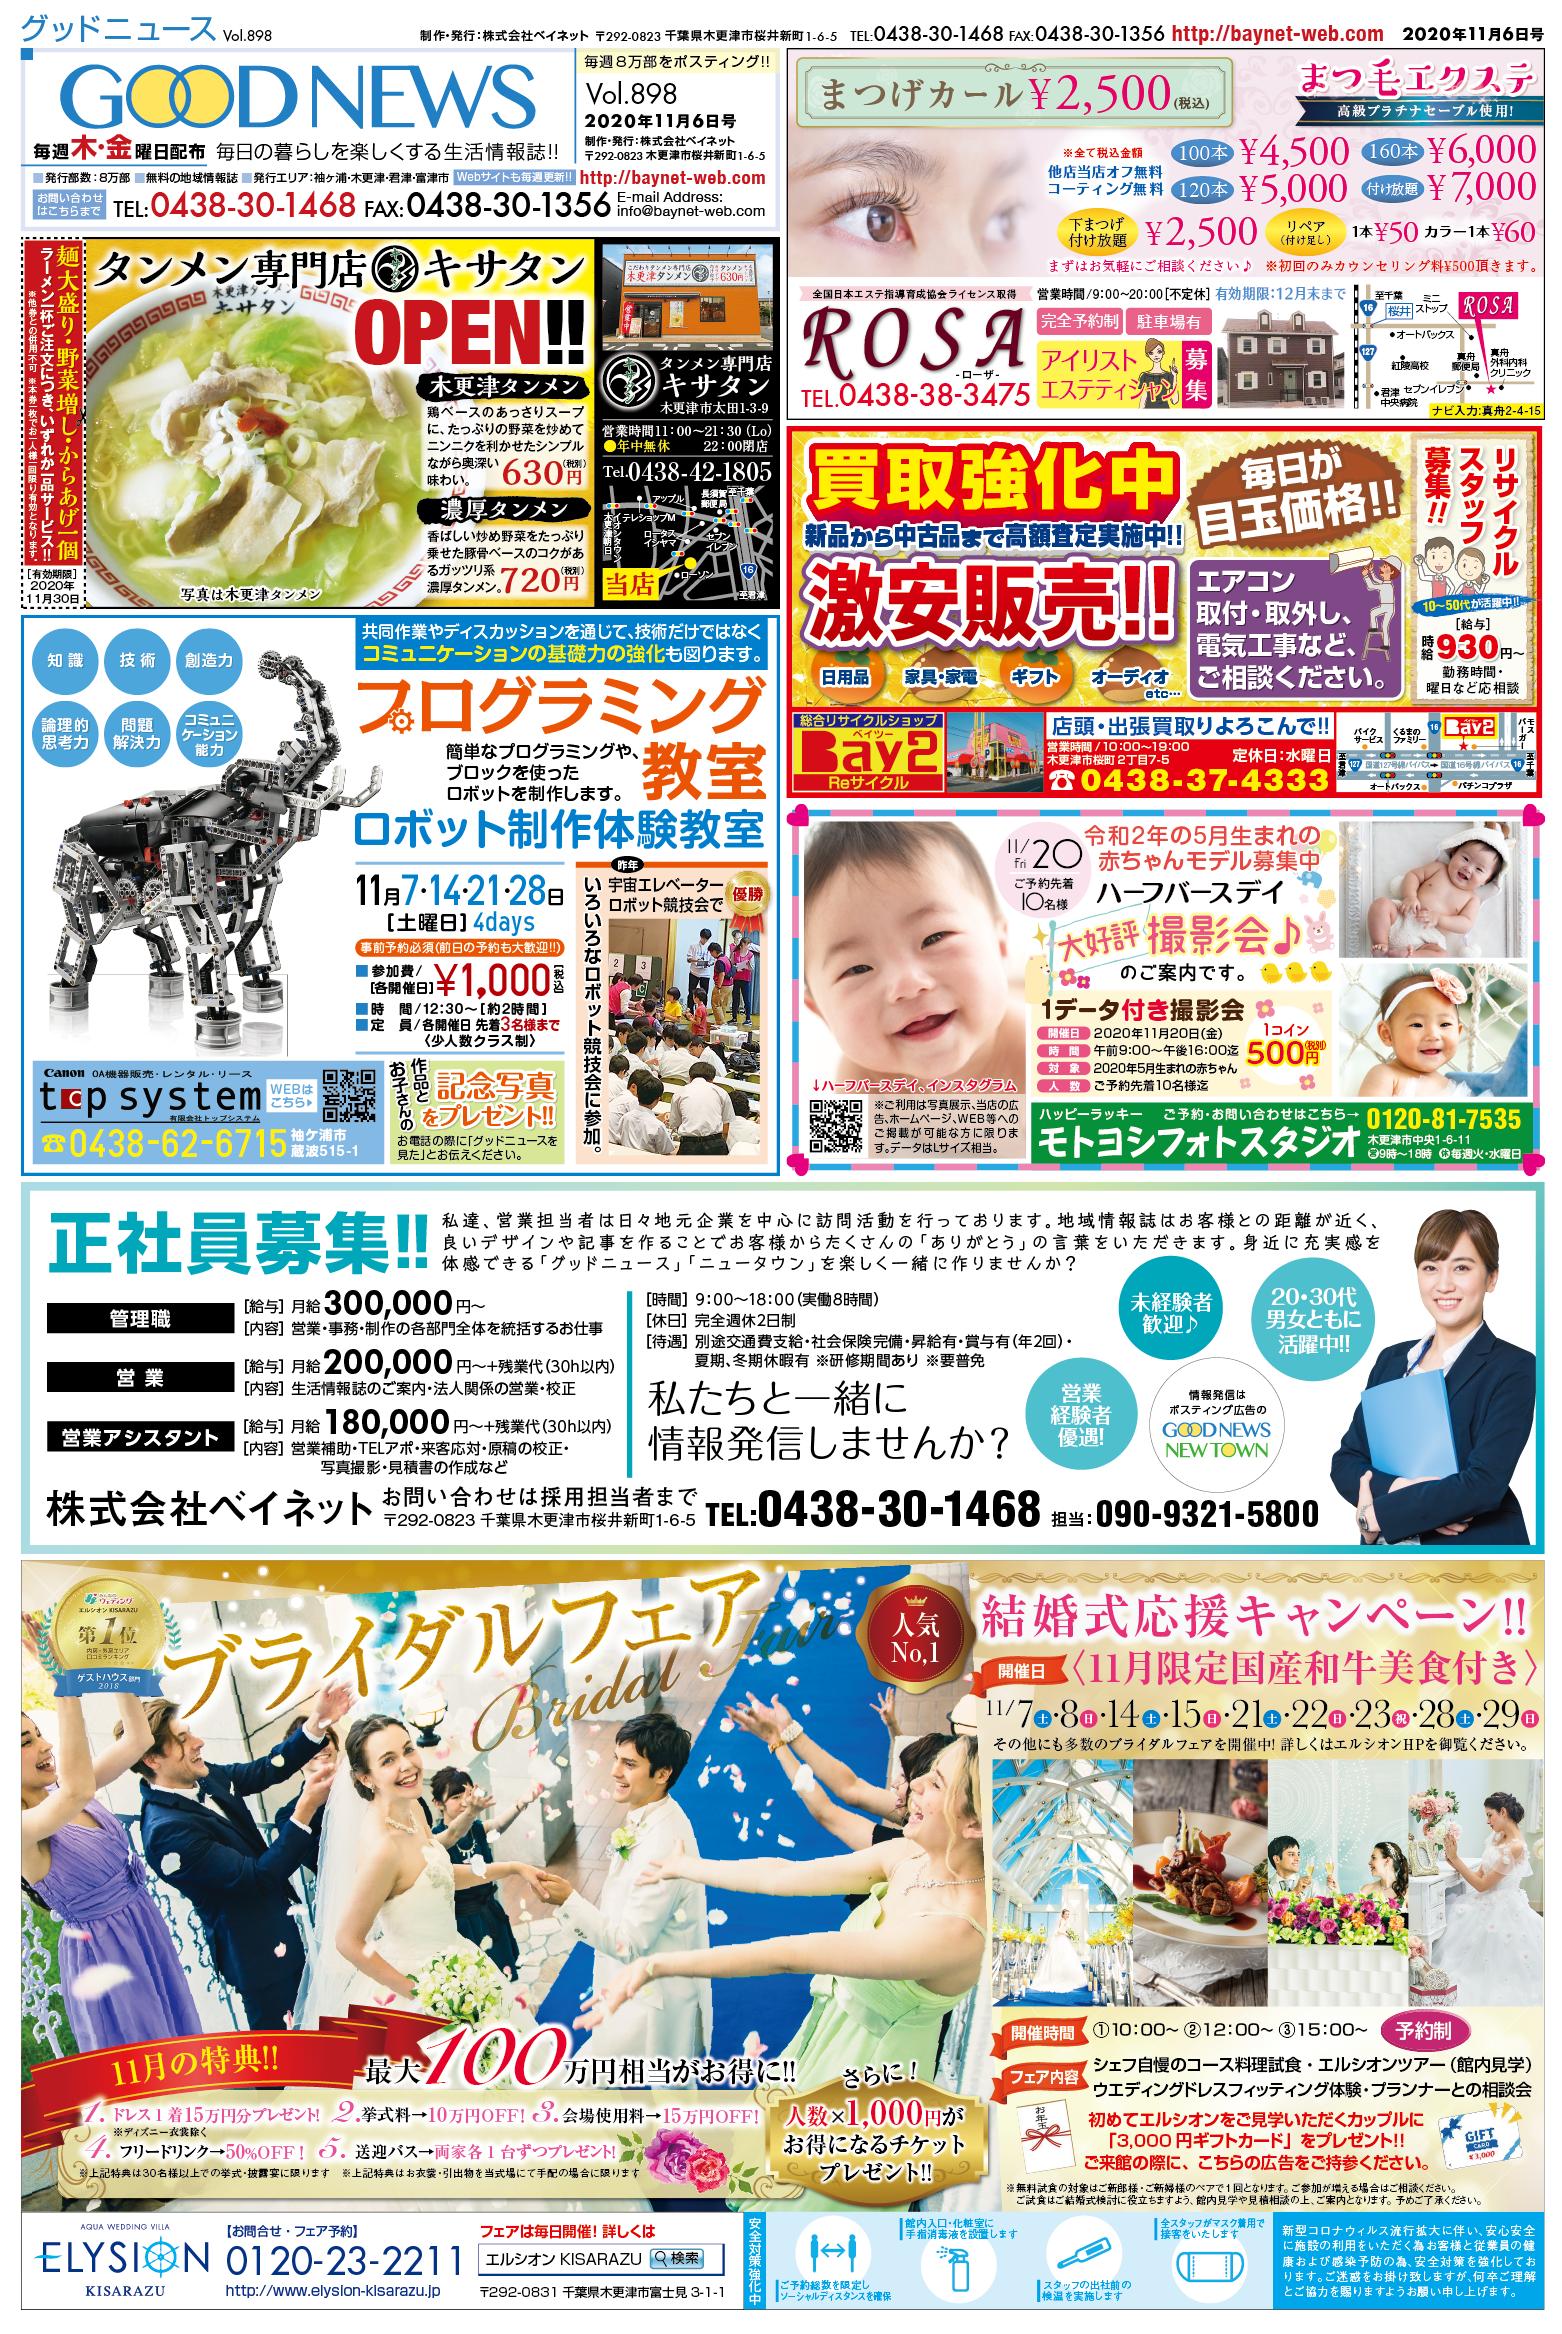 タンメン専門店キサタン ROSA Bay2 トップシステム モトヨシフォトスタジオ ベイネット エルシオンKISARAZU